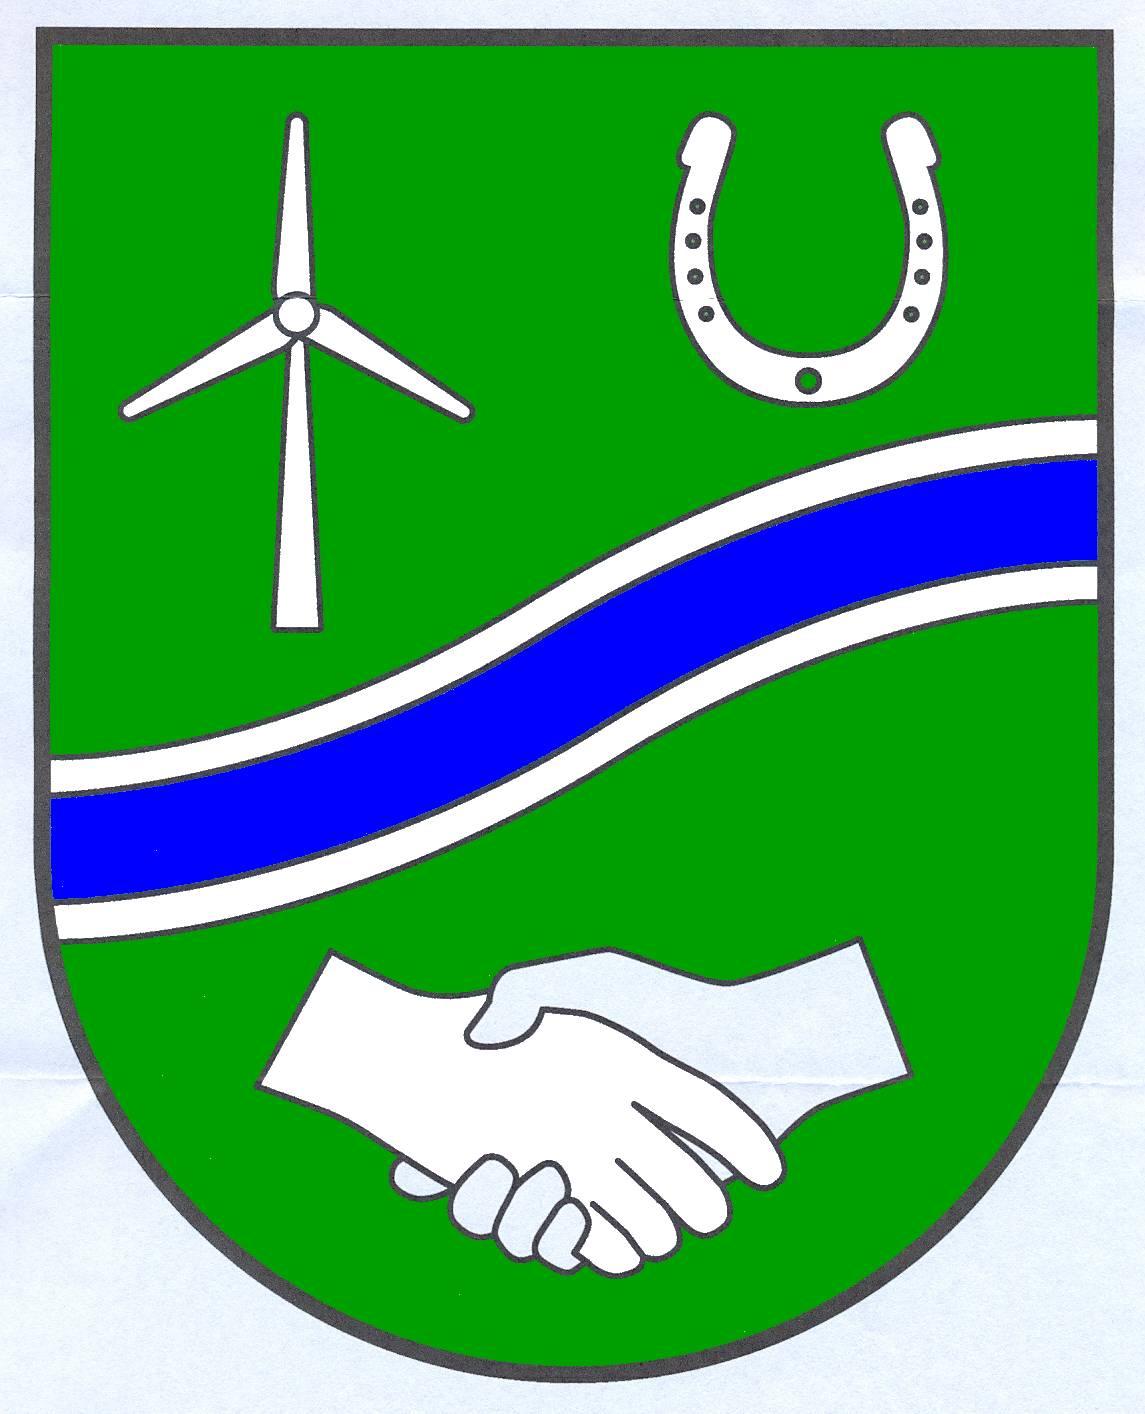 Wappen GemeindeHorstedt, Kreis Nordfriesland